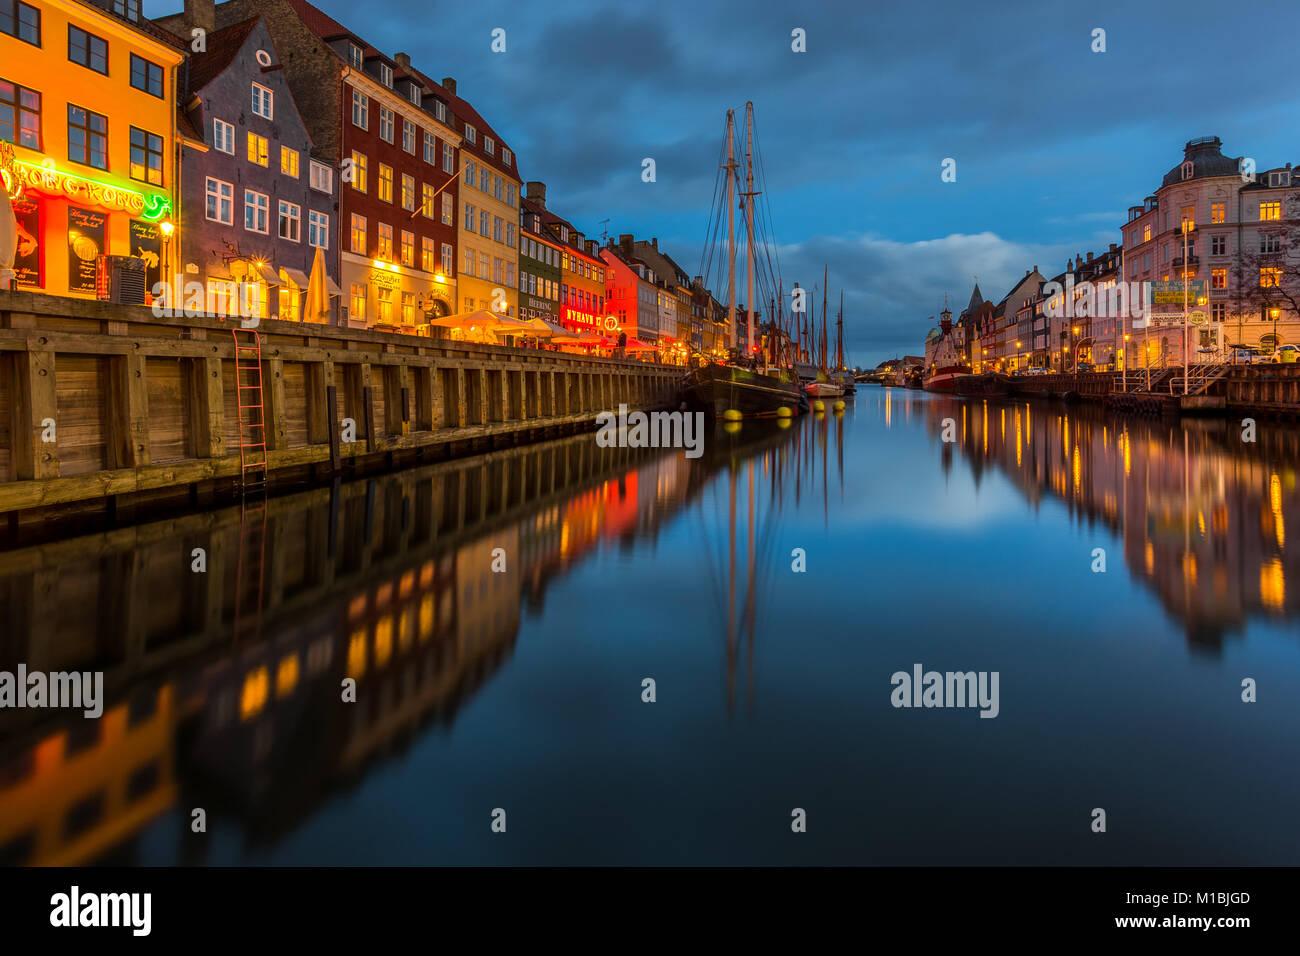 COPENHAGEN, Danimarca - 28 febbraio 2017: Nyhavn di notte. Un monastero del XVII secolo waterfront, canal e dal Immagini Stock